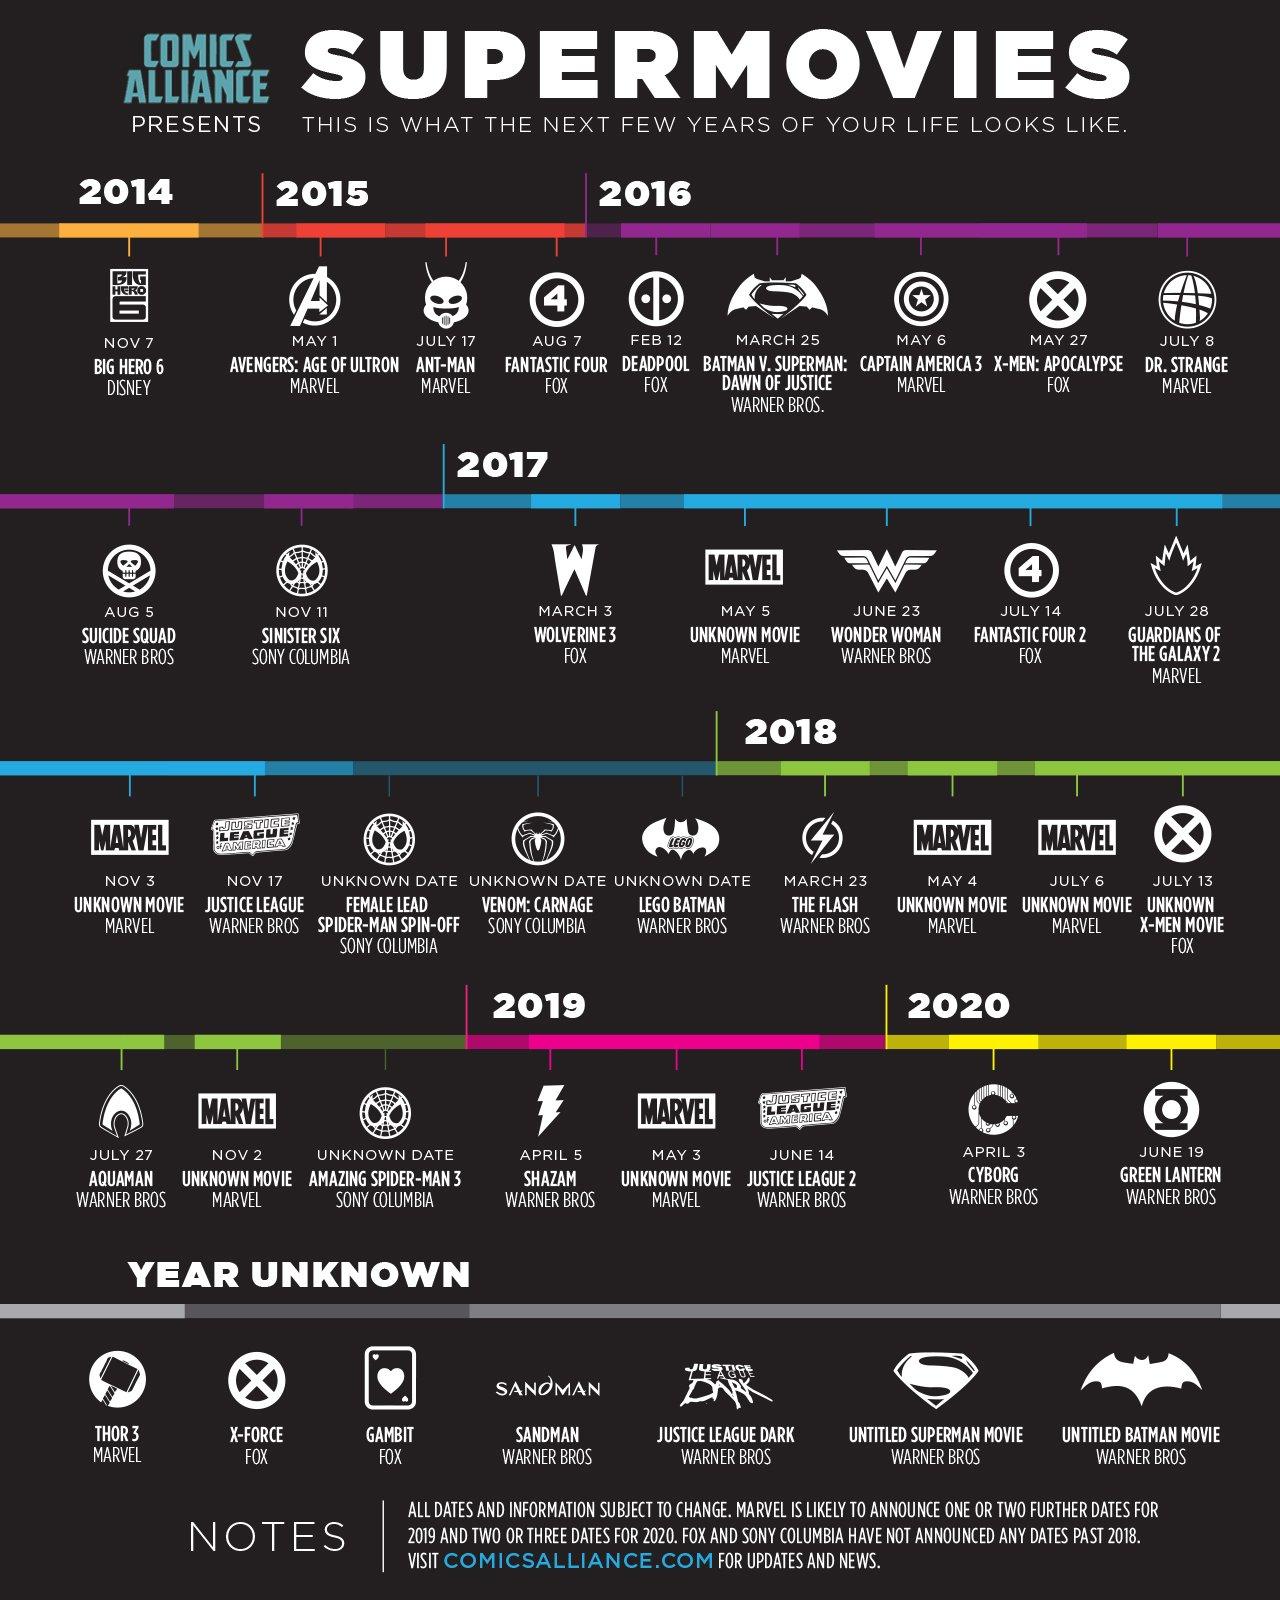 По 6-7 супергеройских фильмов в год ! Неплохо ! - Изображение 1